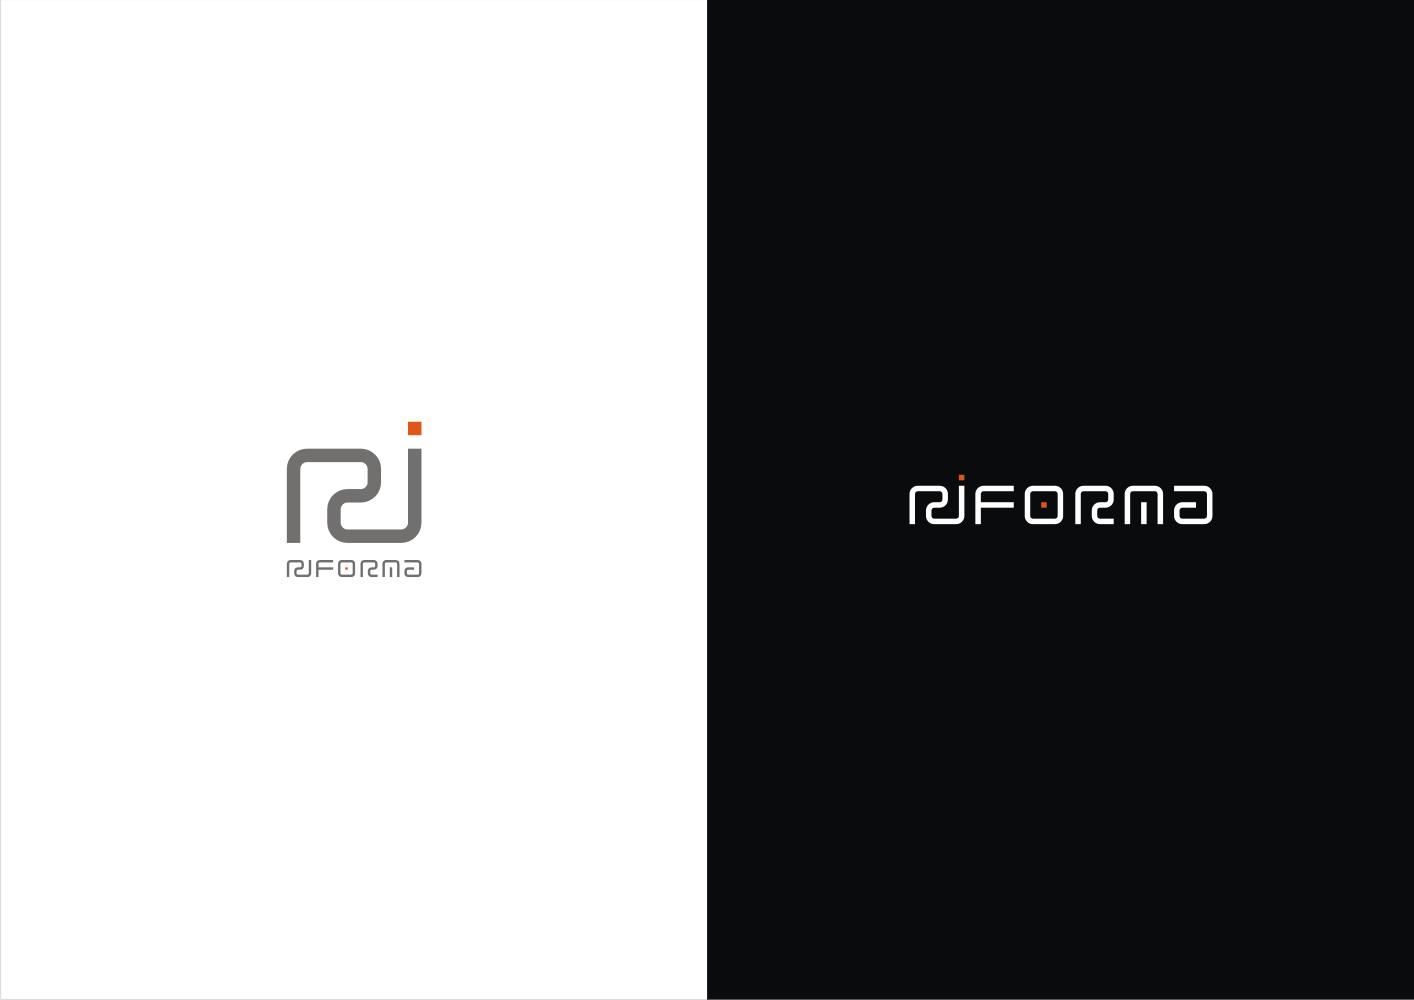 Разработка логотипа и элементов фирменного стиля фото f_62557a75e9d527e2.png